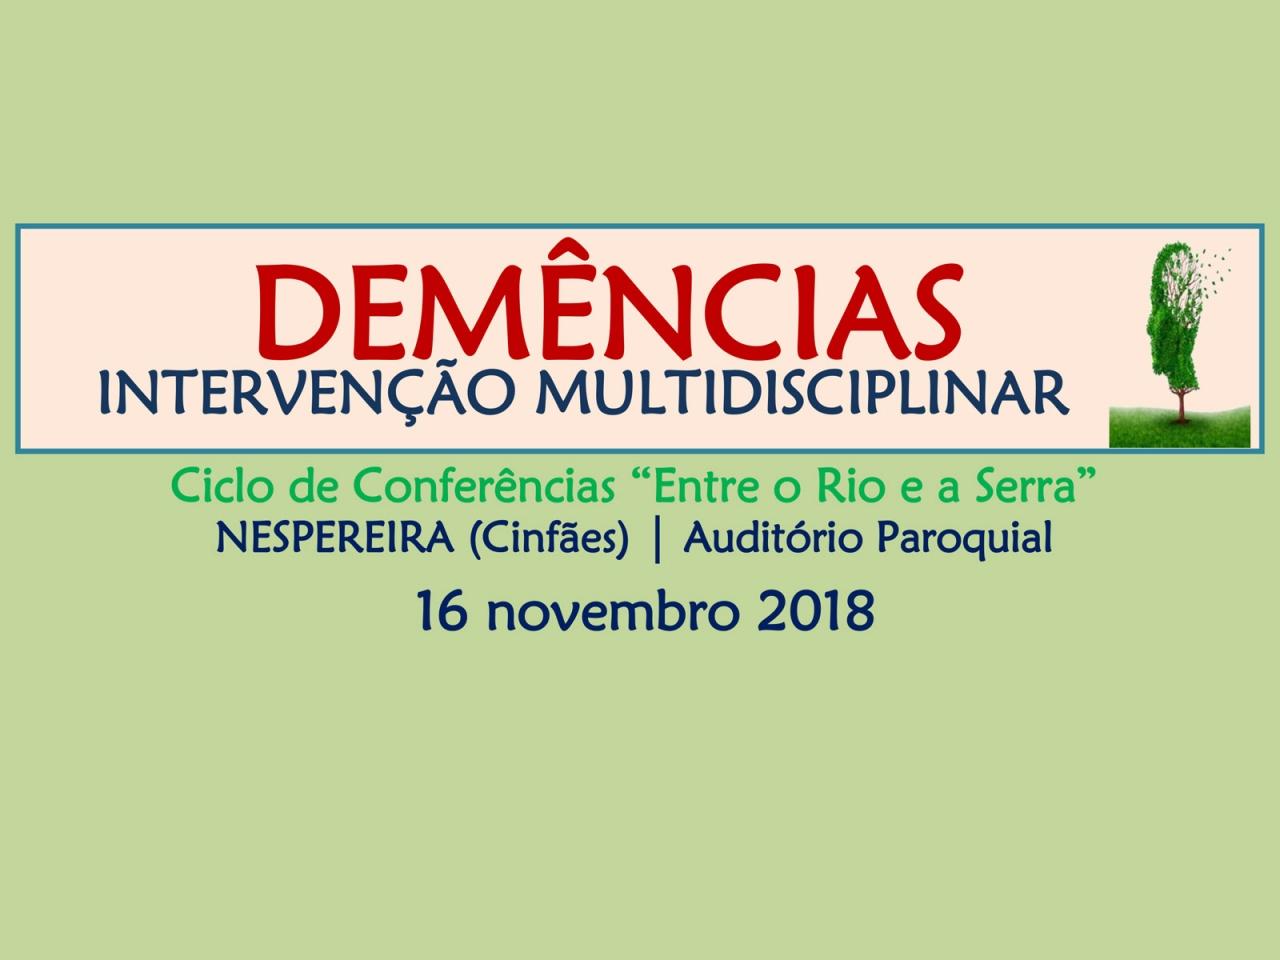 Demências - Intervenção Multidisciplinar